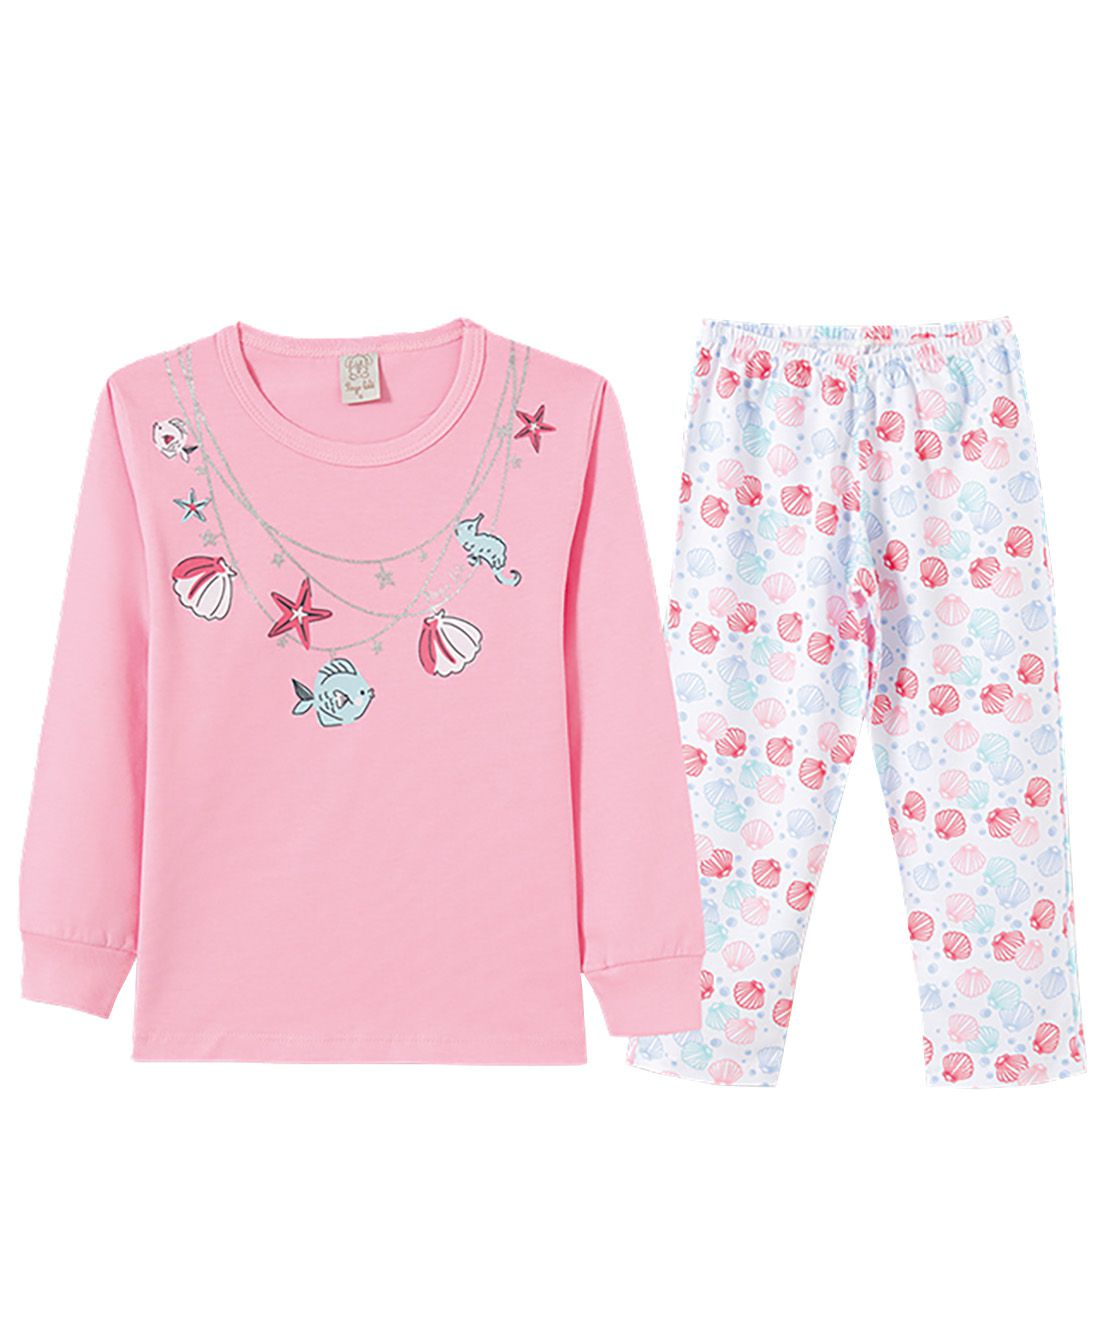 Pijama Infantil Pingo Lelê Manga longa Conchas Rosa